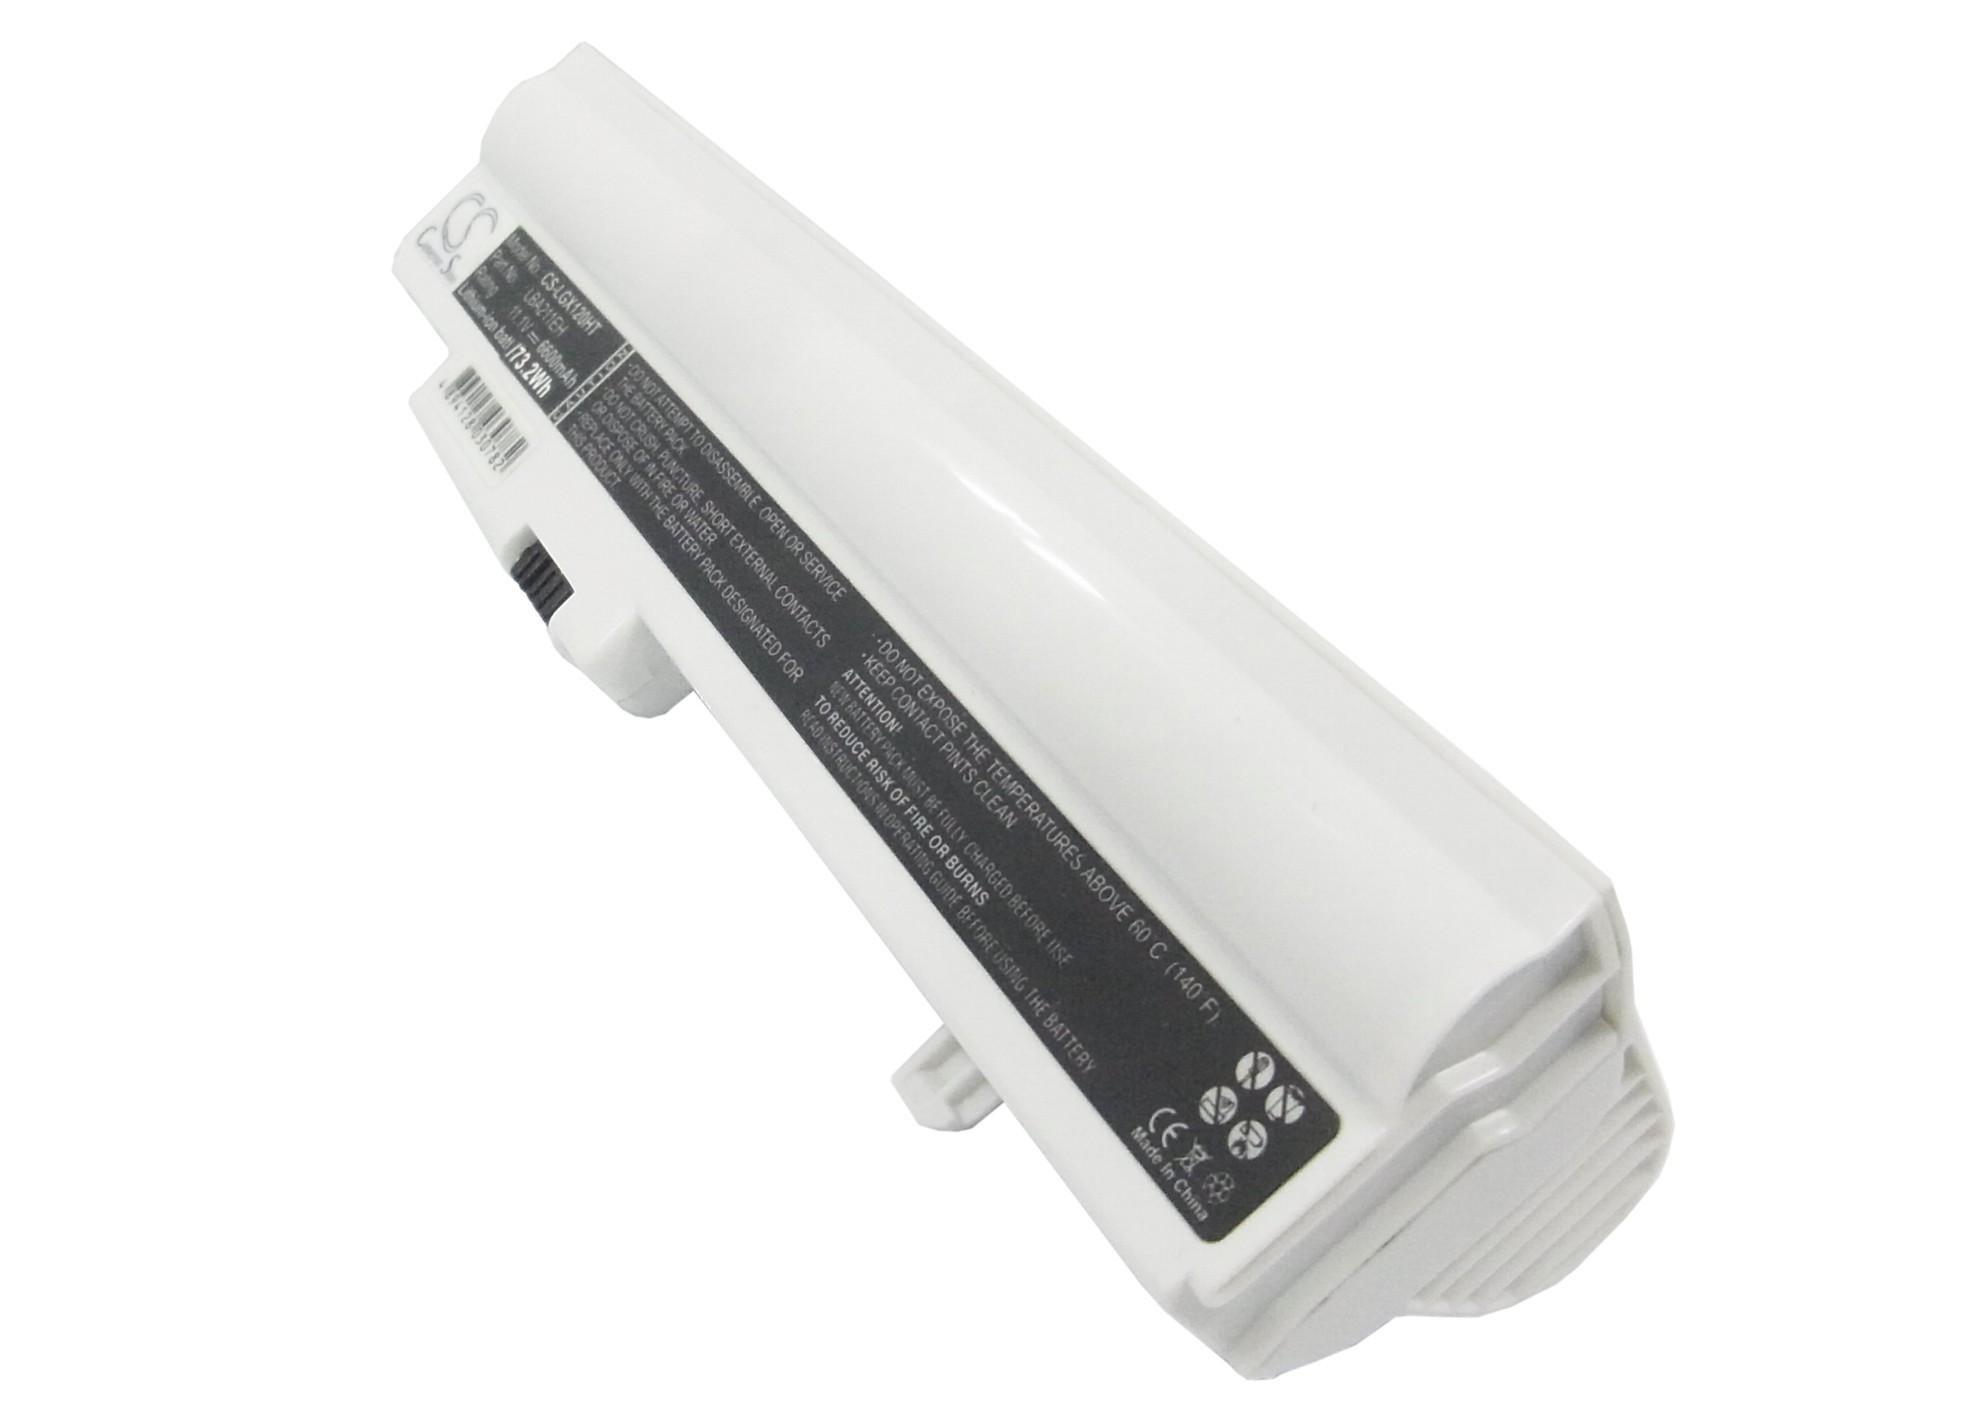 Cameron Sino baterie do netbooků pro LG X130-L 11.1V Li-ion 6600mAh bílá - neoriginální